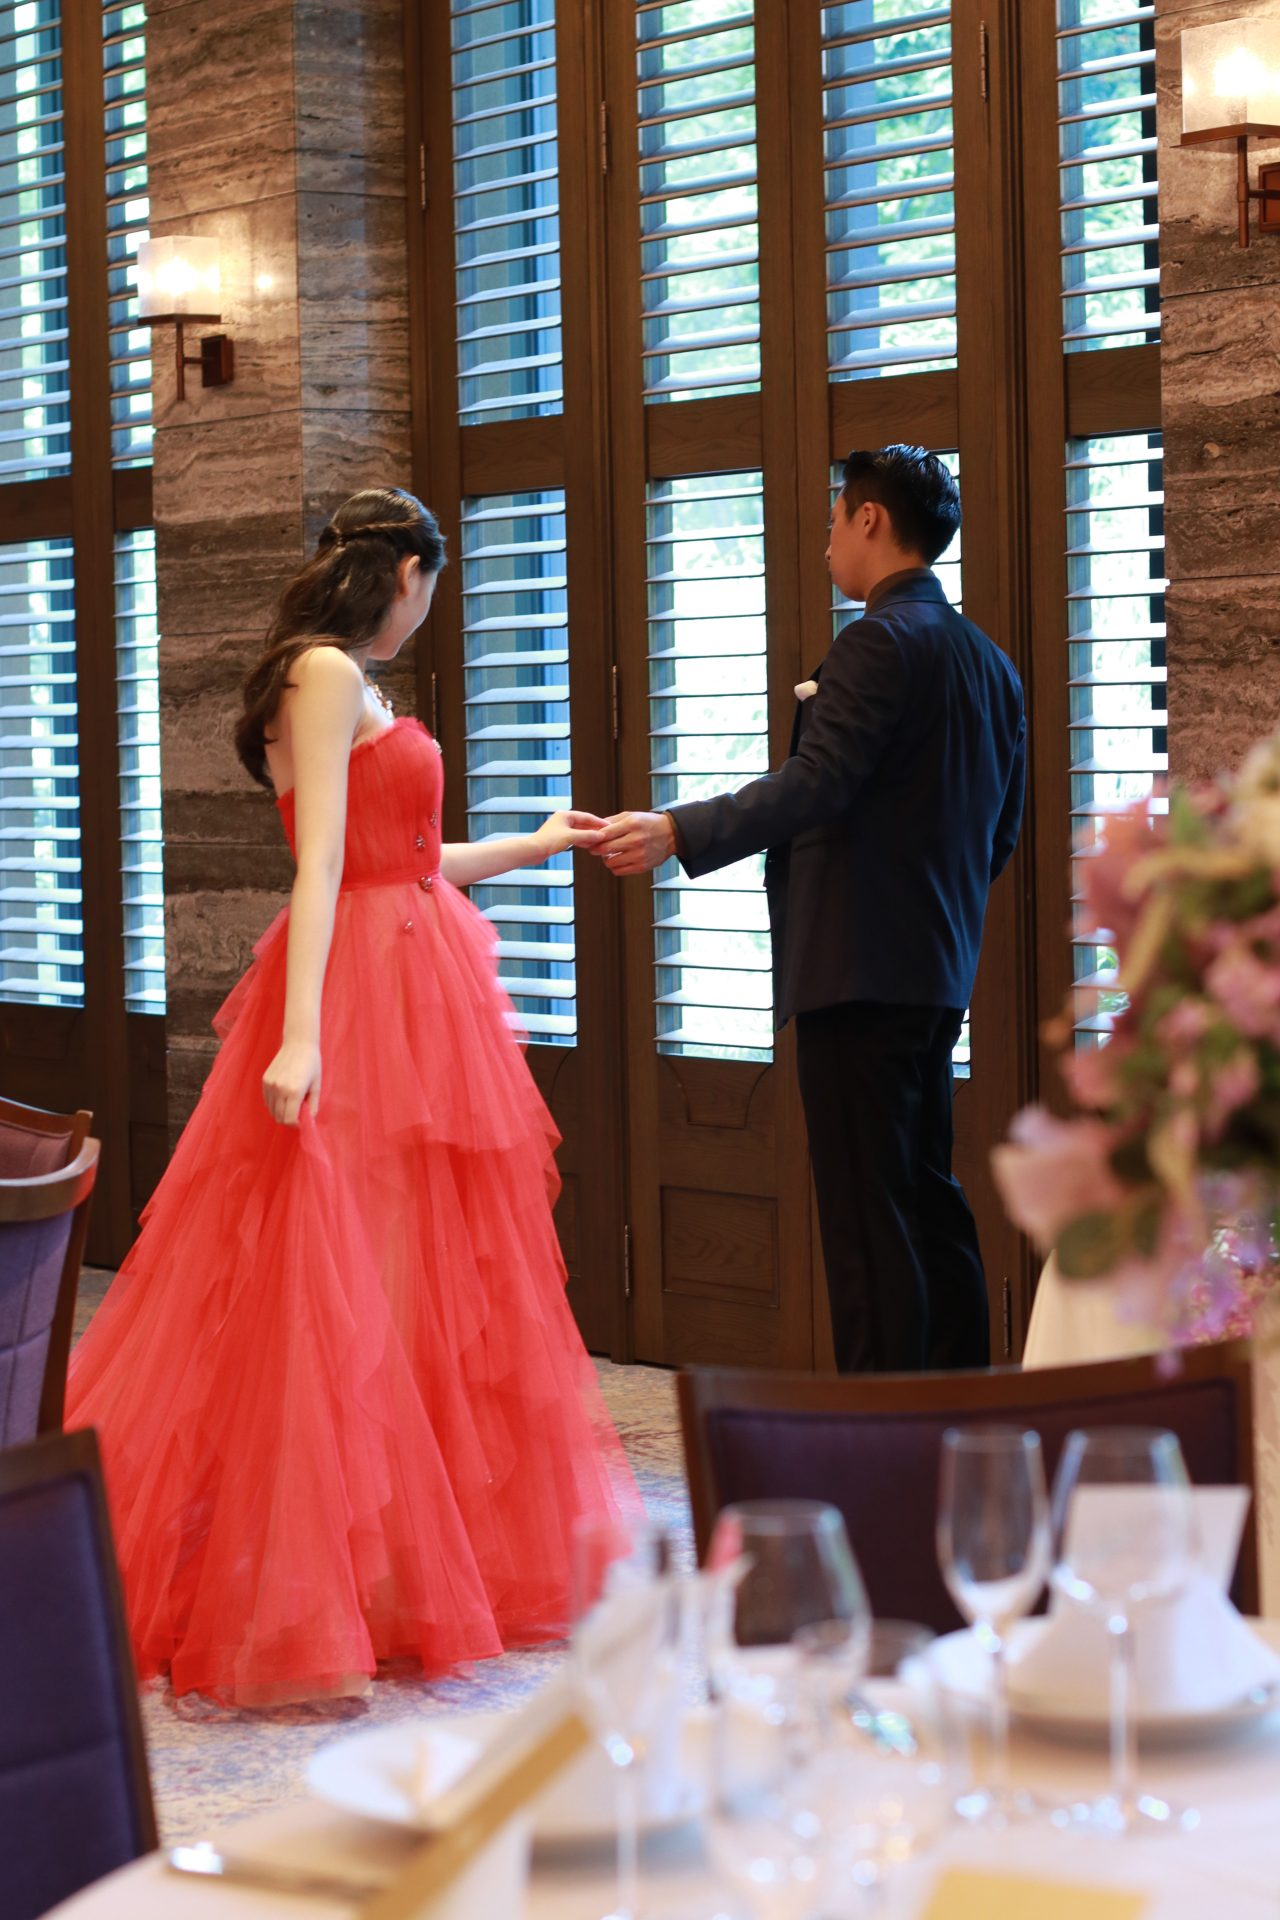 シャンデリアが輝く赤坂プリンスクラシックハウスの披露宴会場でのお色直しスタイルはモダンで都会的かつお二人らしい主役感満載にコーディネートしてはいかがでしょうか